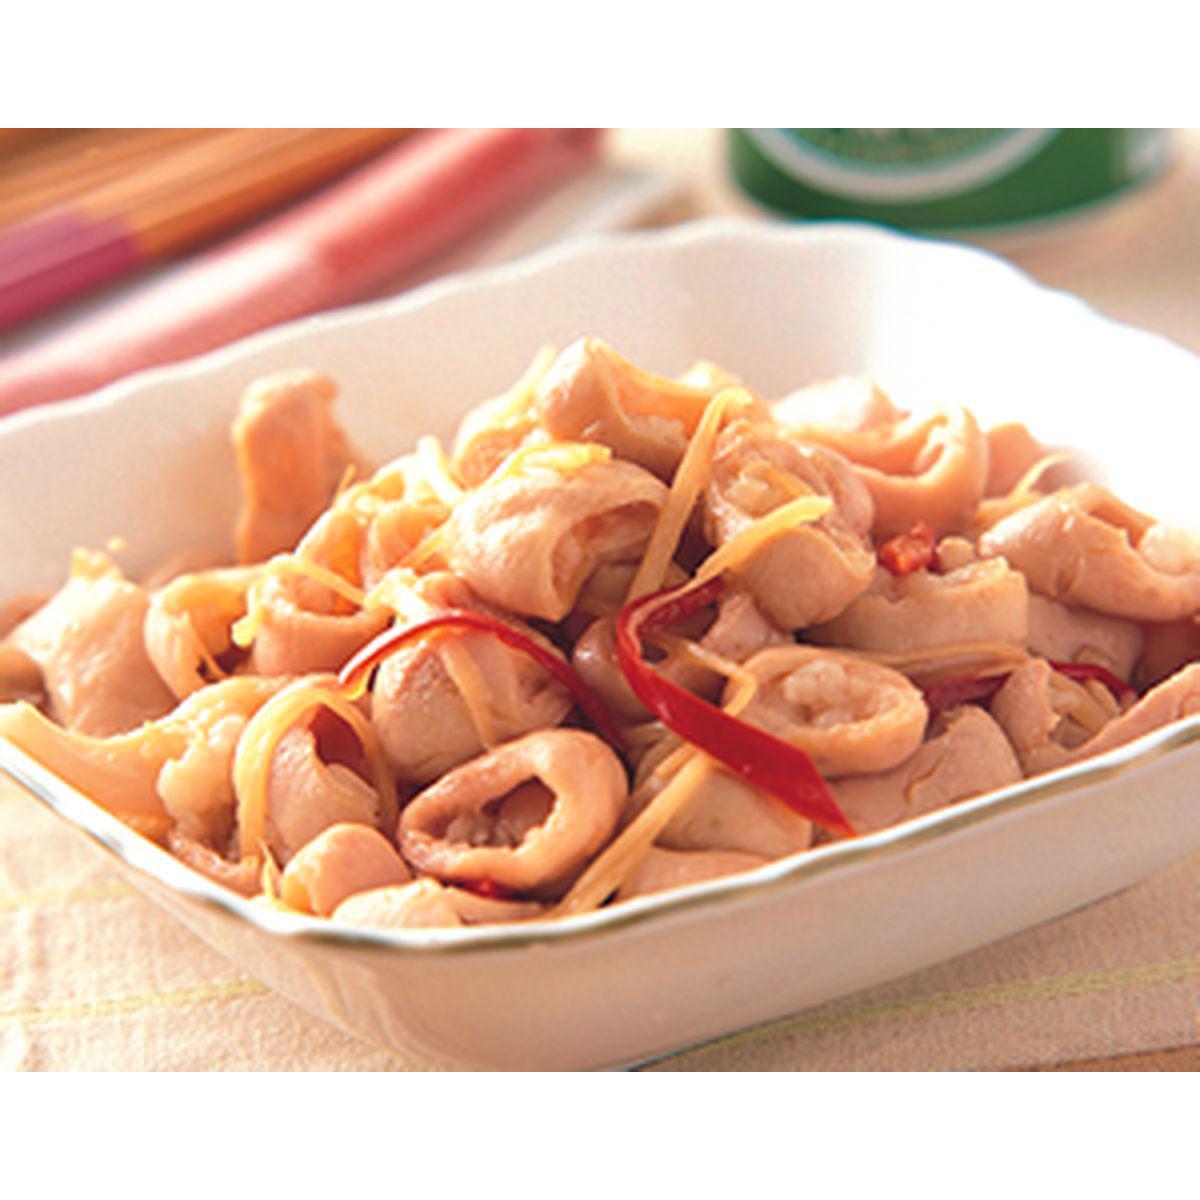 食譜:薑絲炒大腸